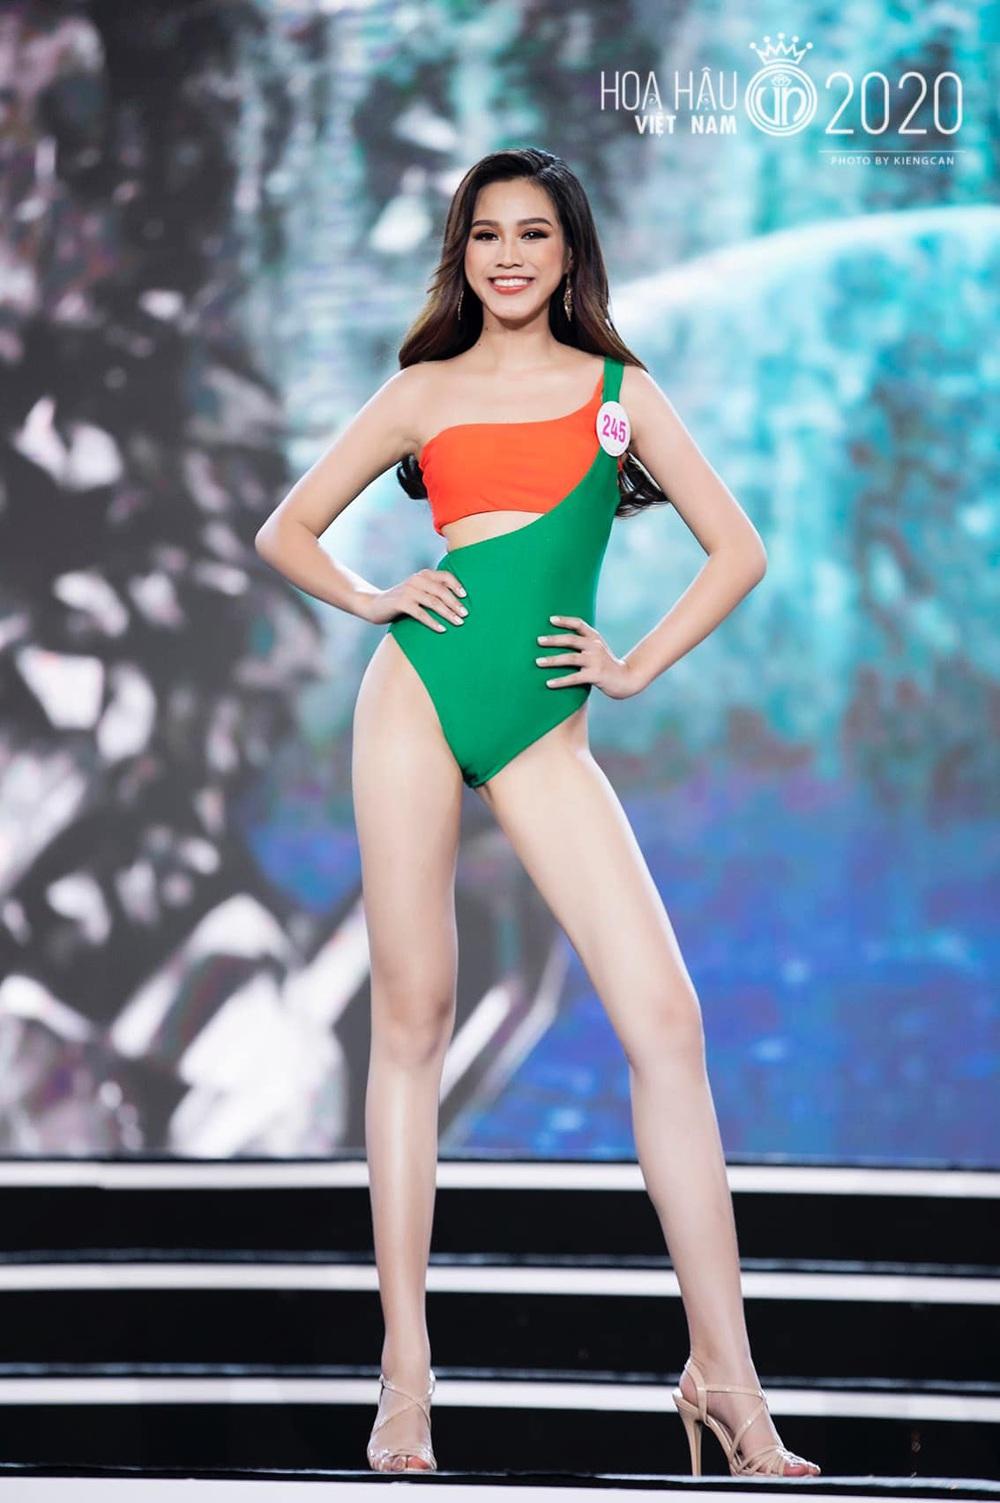 Hành trình từ nữ sinh Thanh Hóa đến tân Hoa hậu Việt Nam 2020 của Đỗ Thị Hà - Ảnh 8.